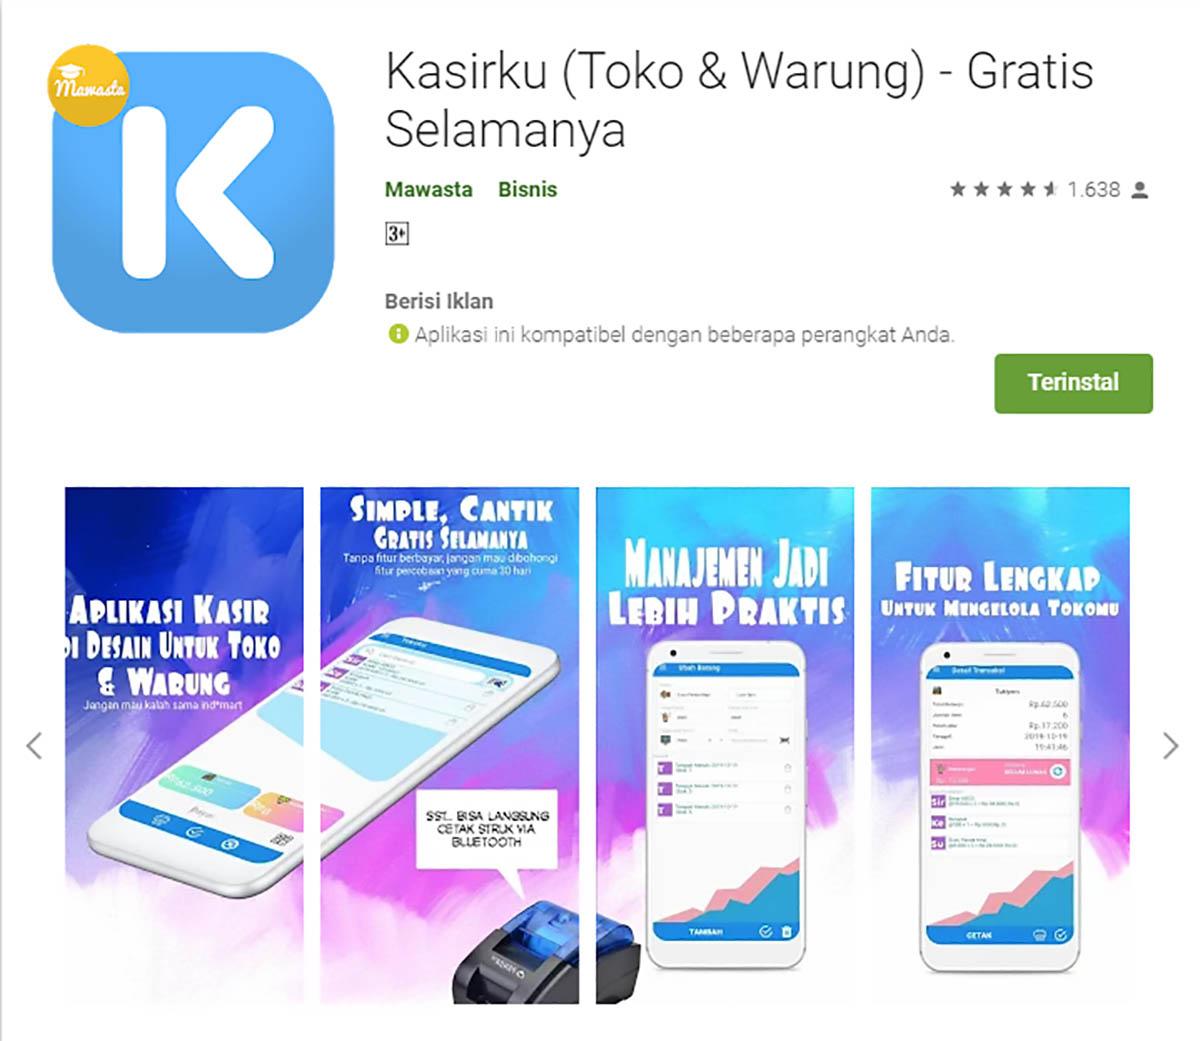 Rekomendasi Sistem Aplikasi Kasir/POS (Point of Sale) - Kasirku